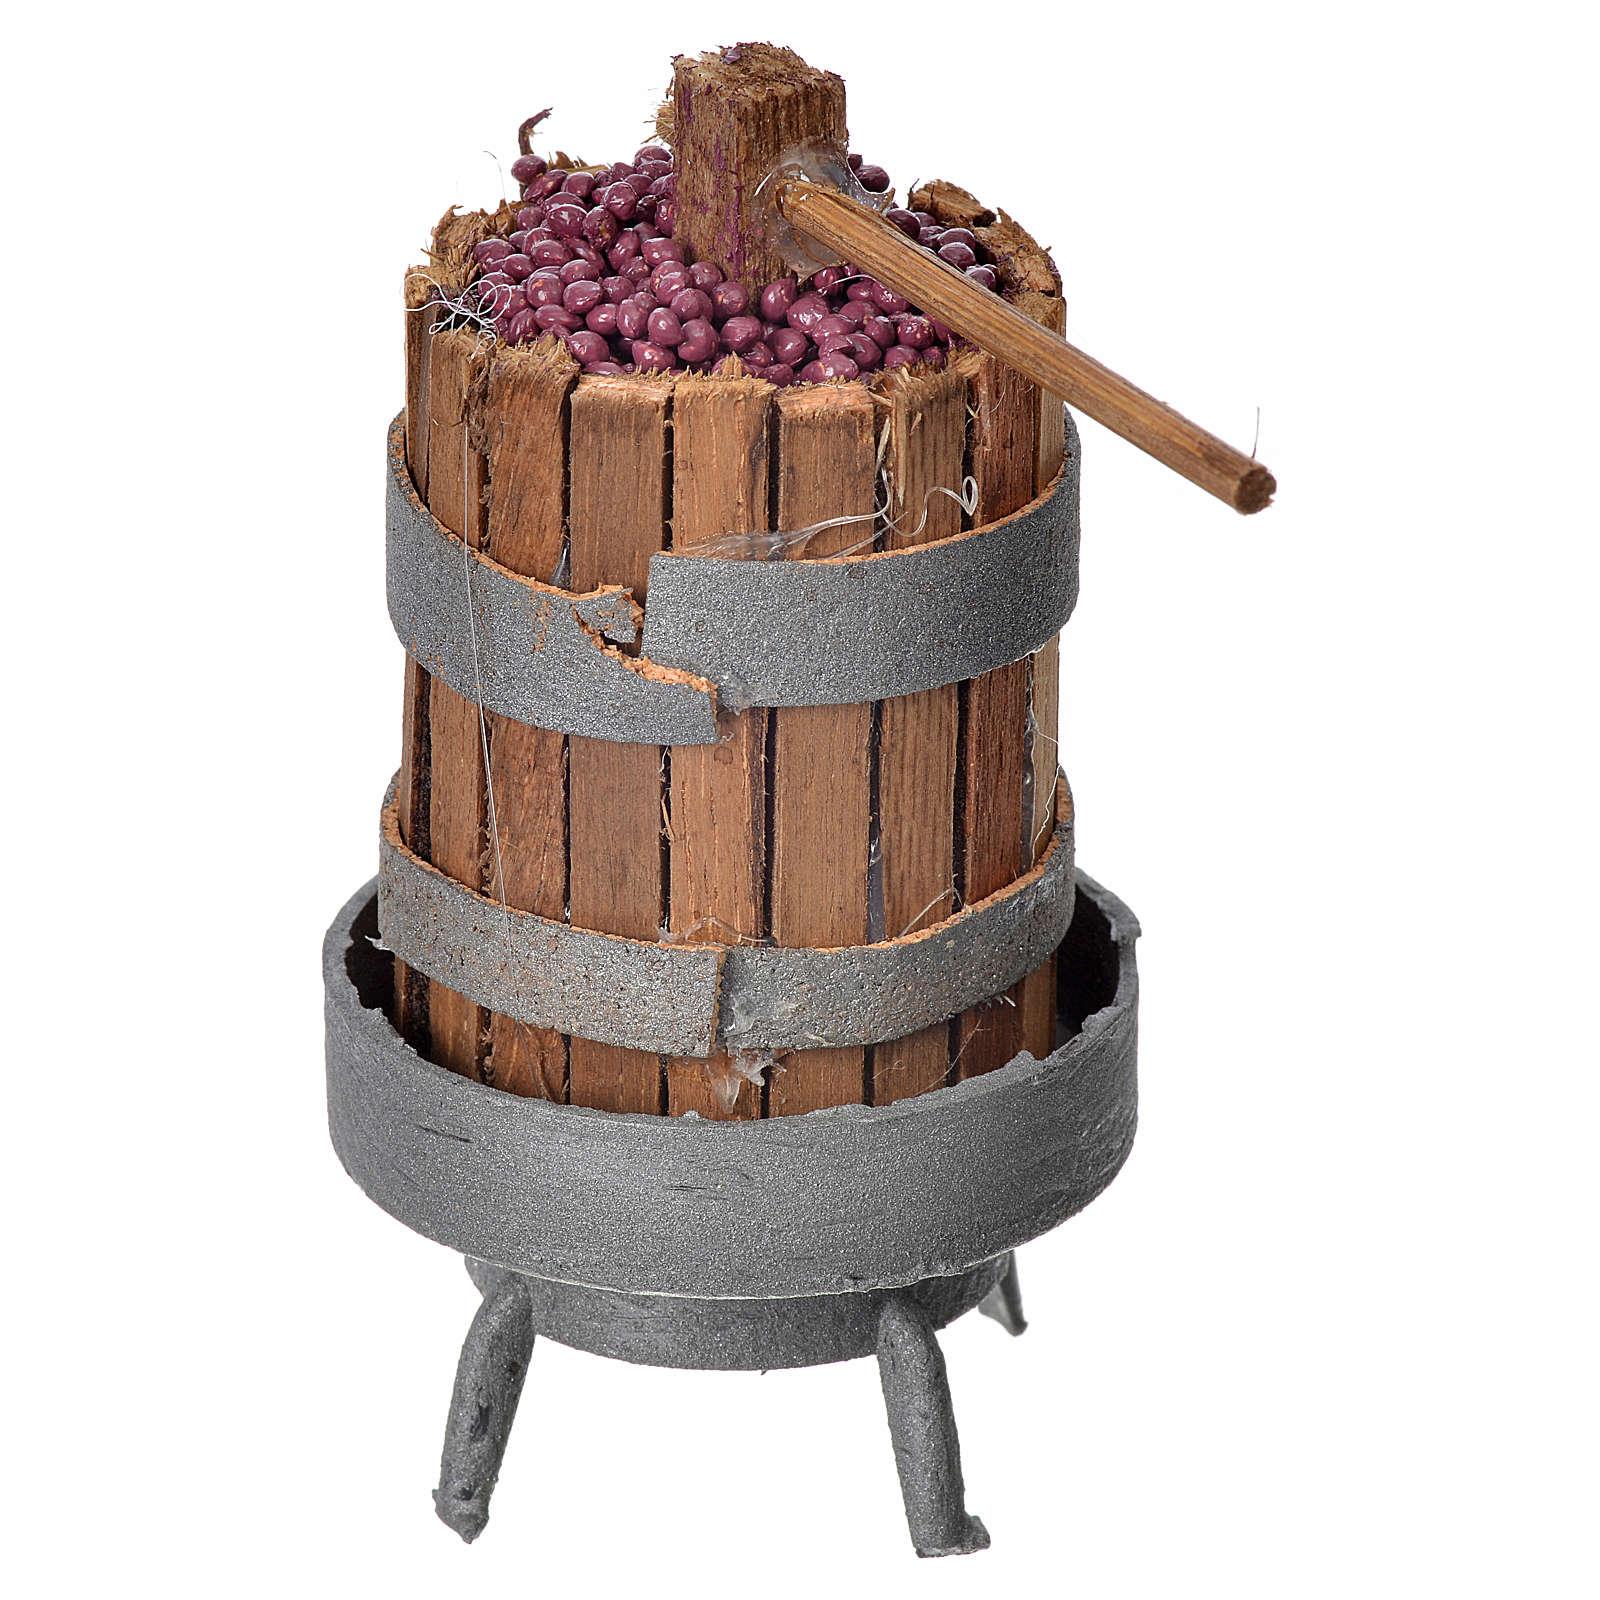 Pressoir en bois avec raisins pour crèche h 9,5cm 4